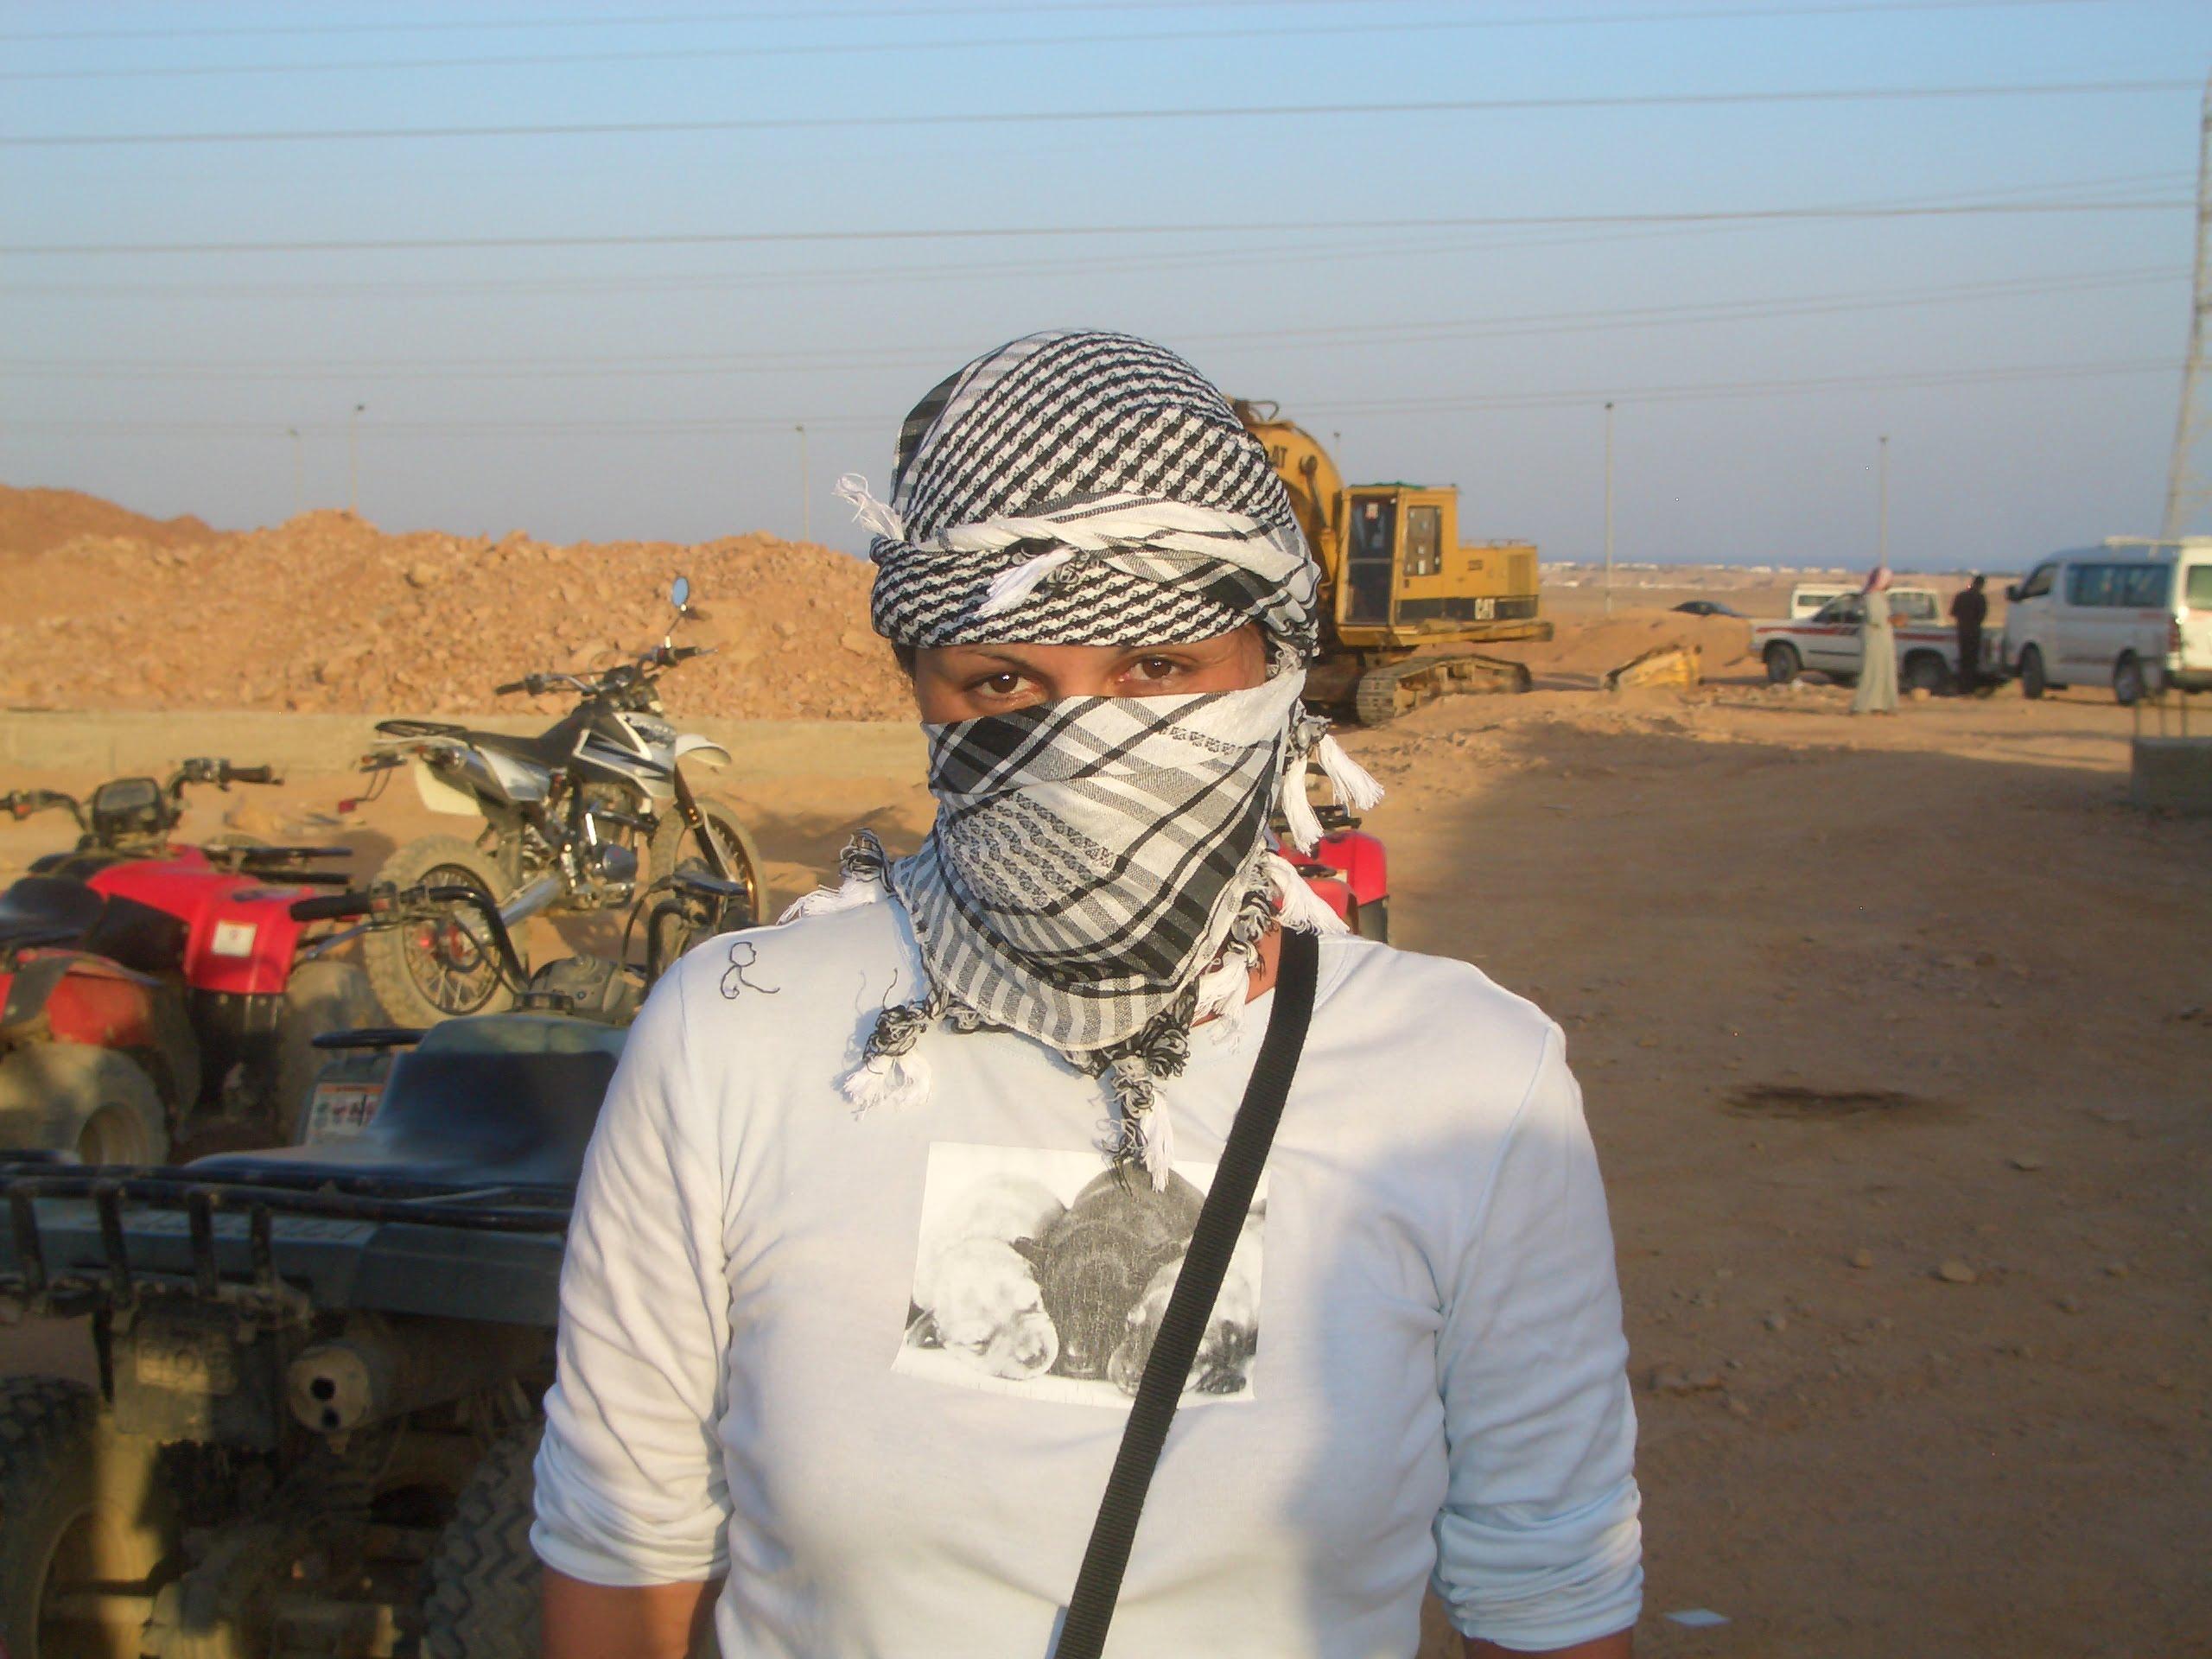 Motorata nel deserto, Sharm El Sheikh mare e non solo